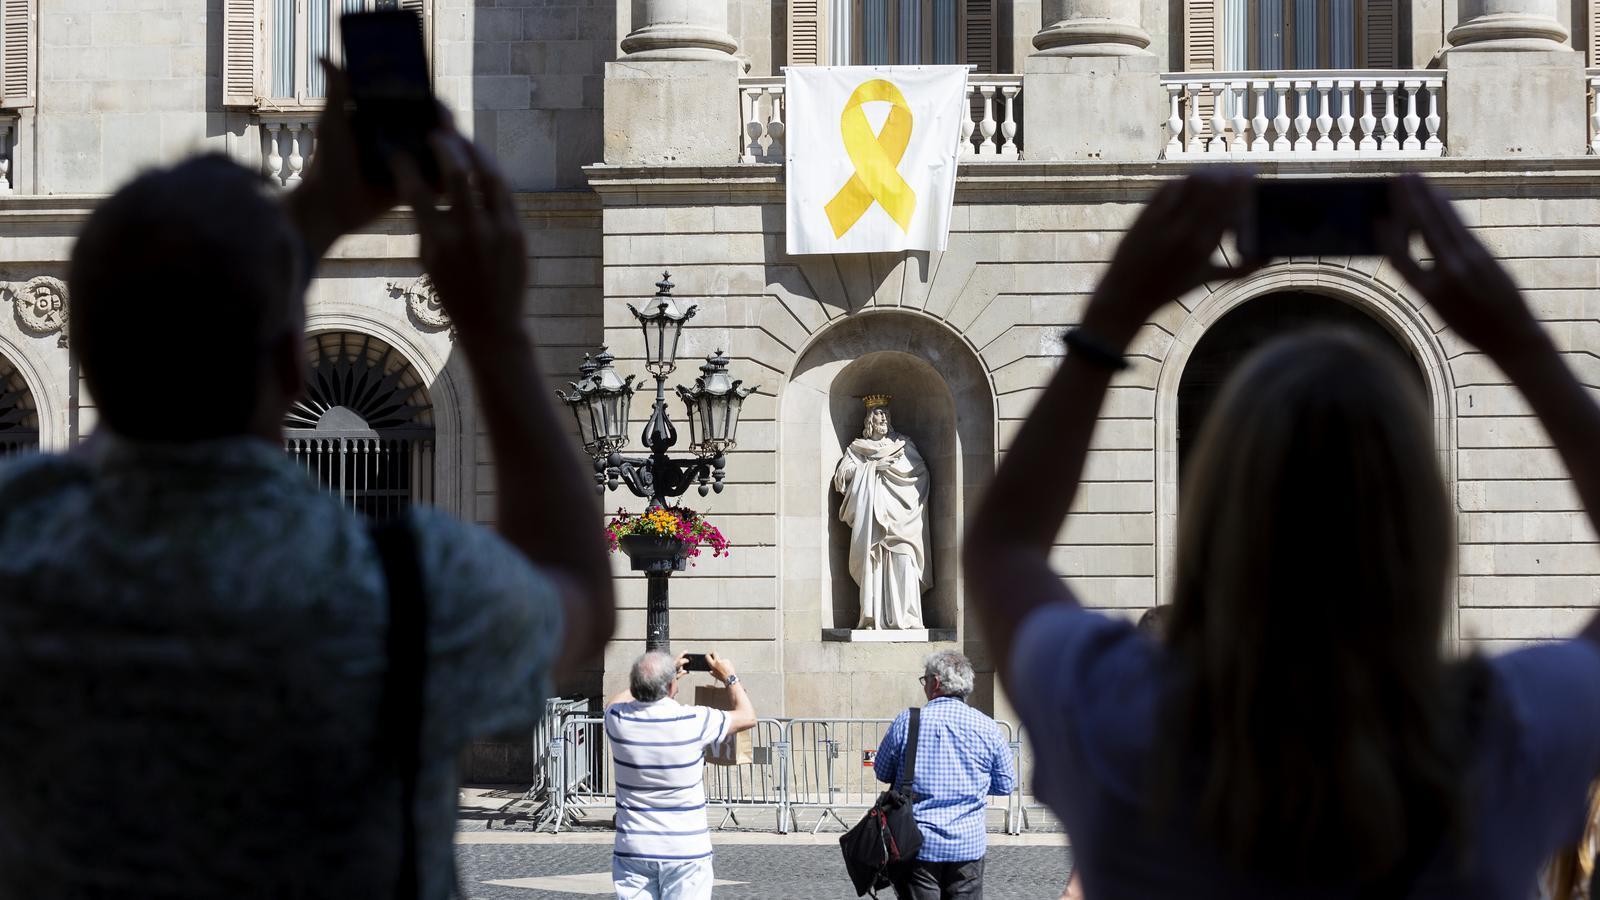 El llaç groc torna a penjar del balcó de l'Ajuntament de Barcelona